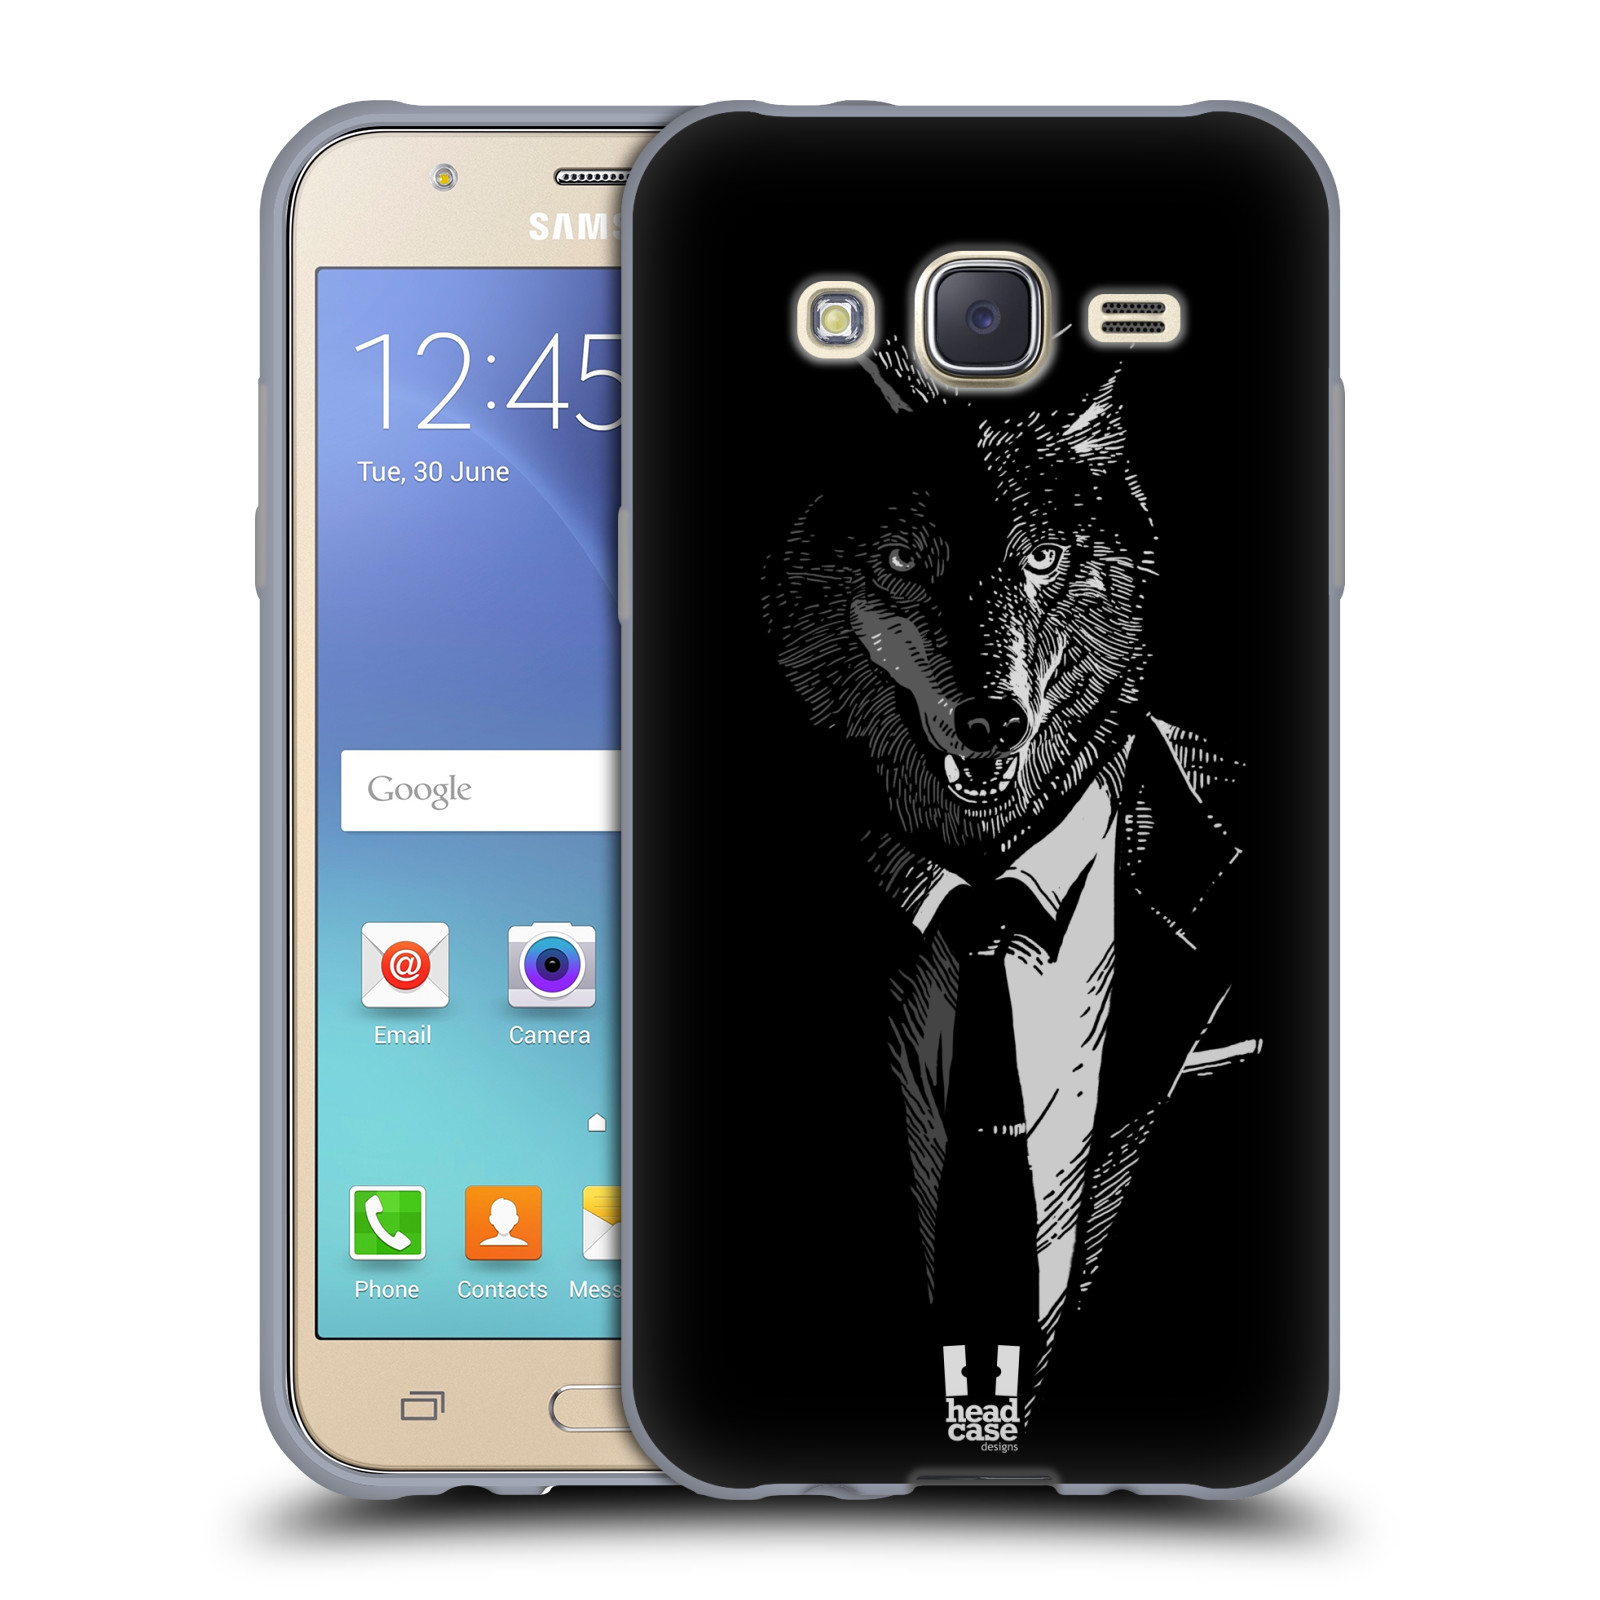 HEAD CASE silikonový obal na mobil Samsung Galaxy J5, J500, (J5 DUOS) vzor Zvíře v obleku vlk